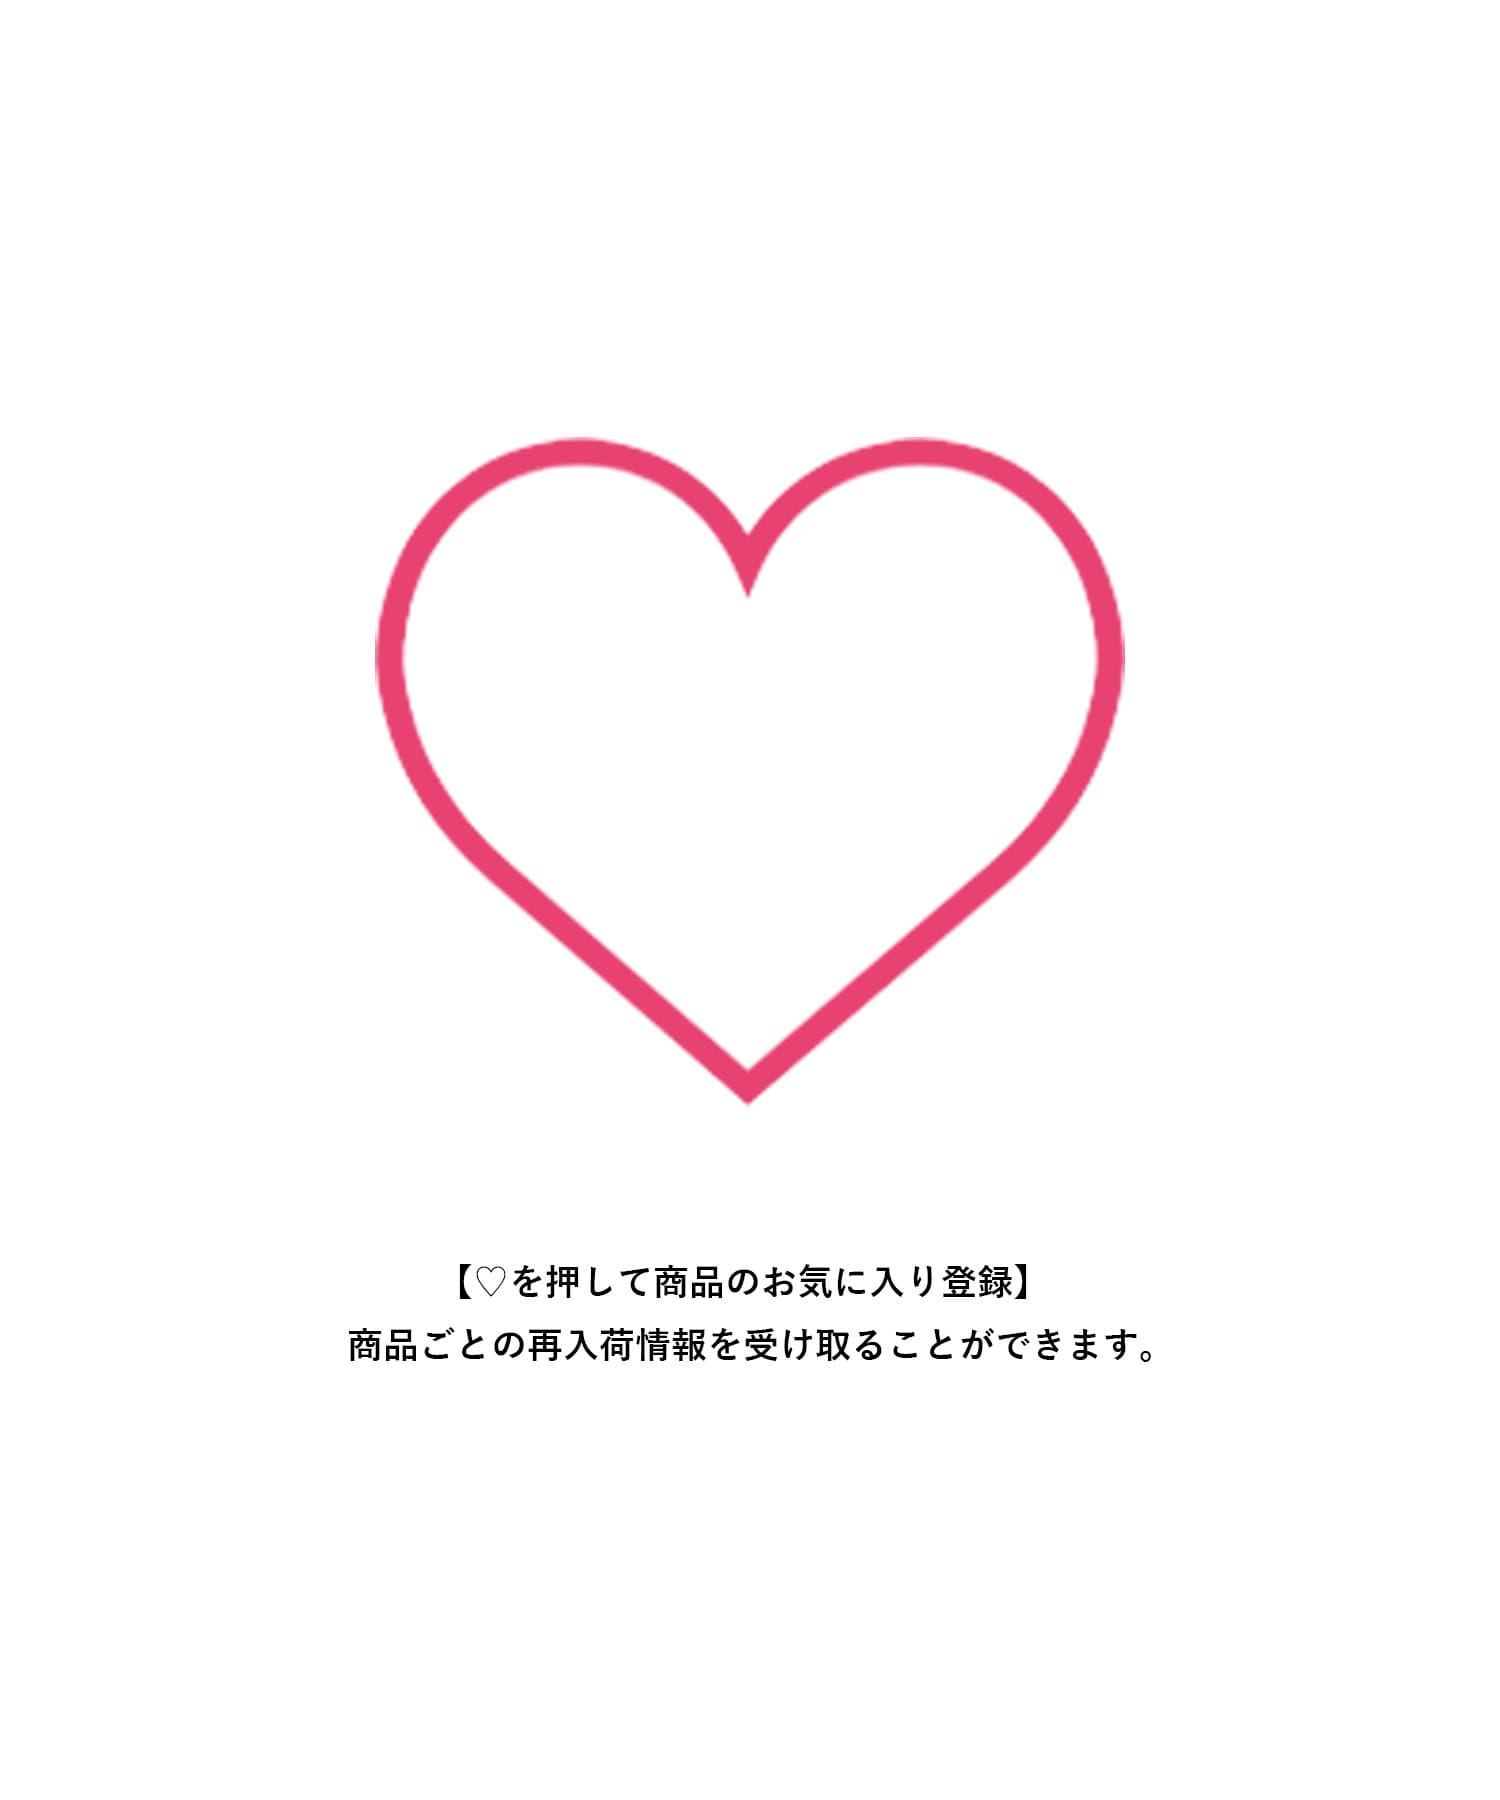 COLLAGE GALLARDAGALANTE(コラージュ ガリャルダガランテ) 【PAPILLONNER/パピヨネ】ドットアジャスターネックレス